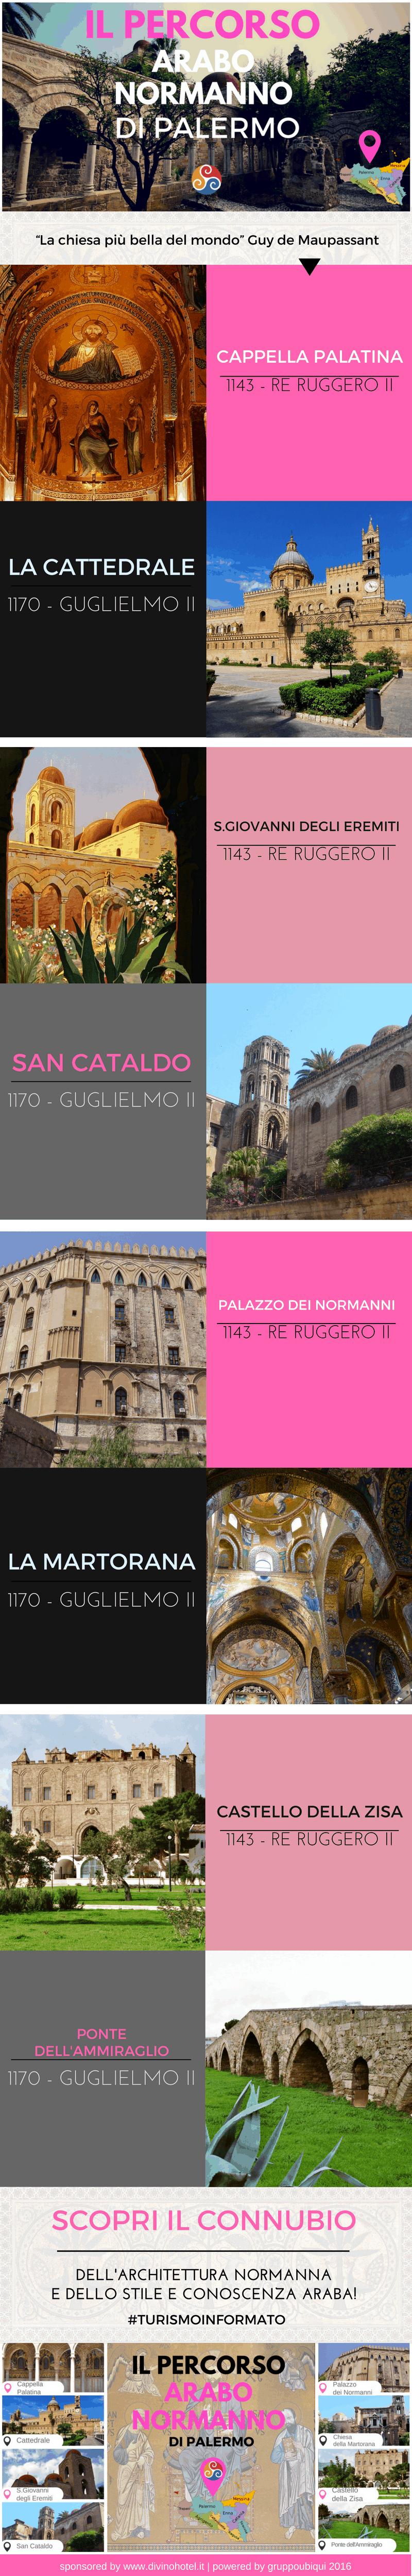 Questa infografica mostra le foto e le immagini di tutti i monumenti inseriti nell'articolo Itinerario unesco arabo normanno di Palermo.